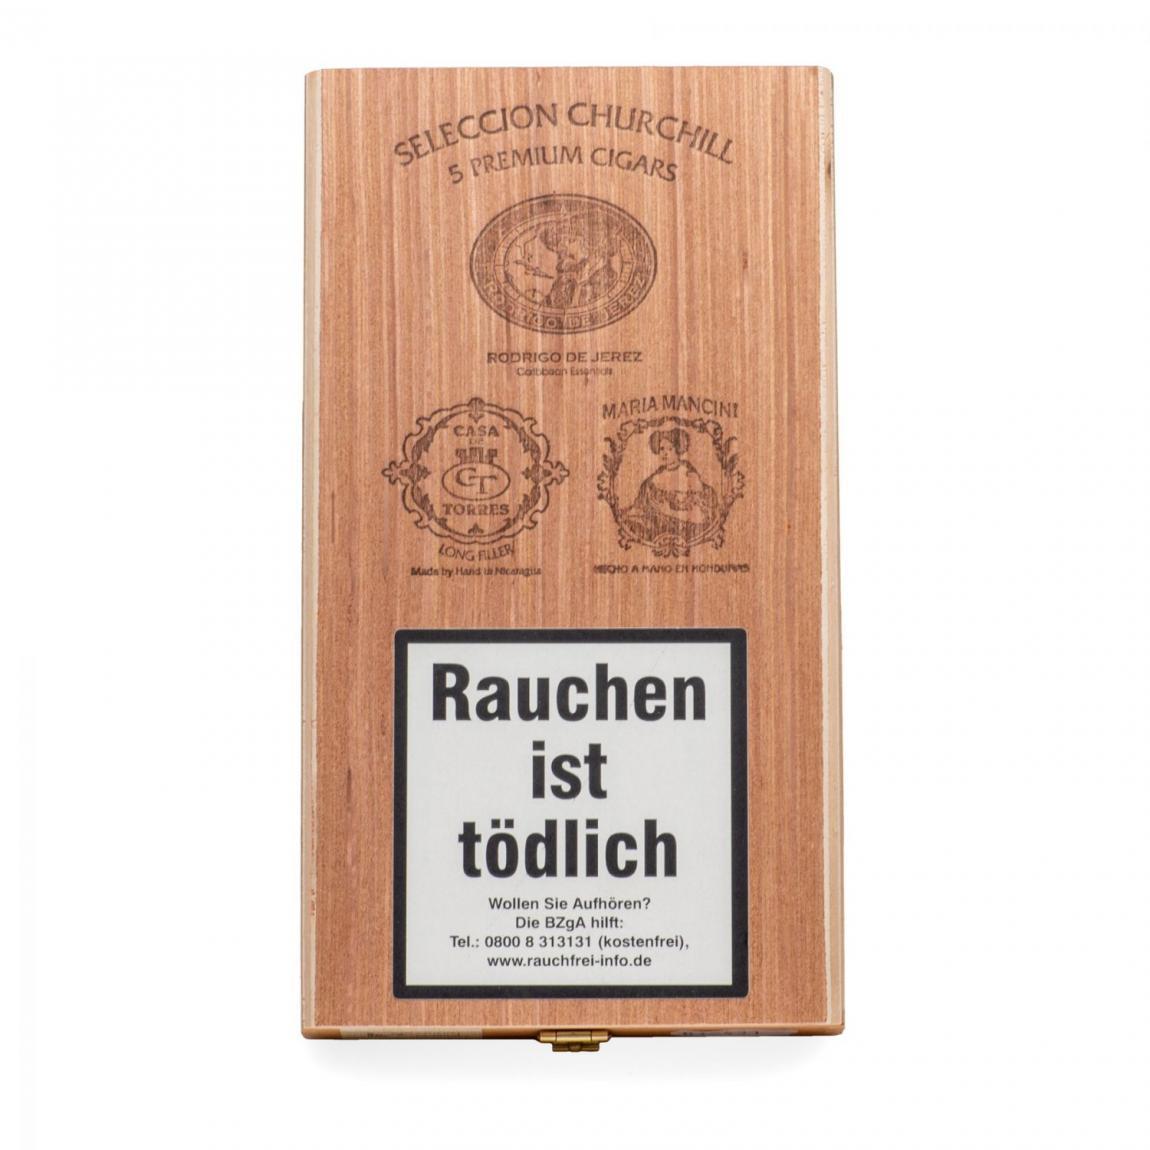 Seleccion »August Schuster« Churchill 5er Kiste